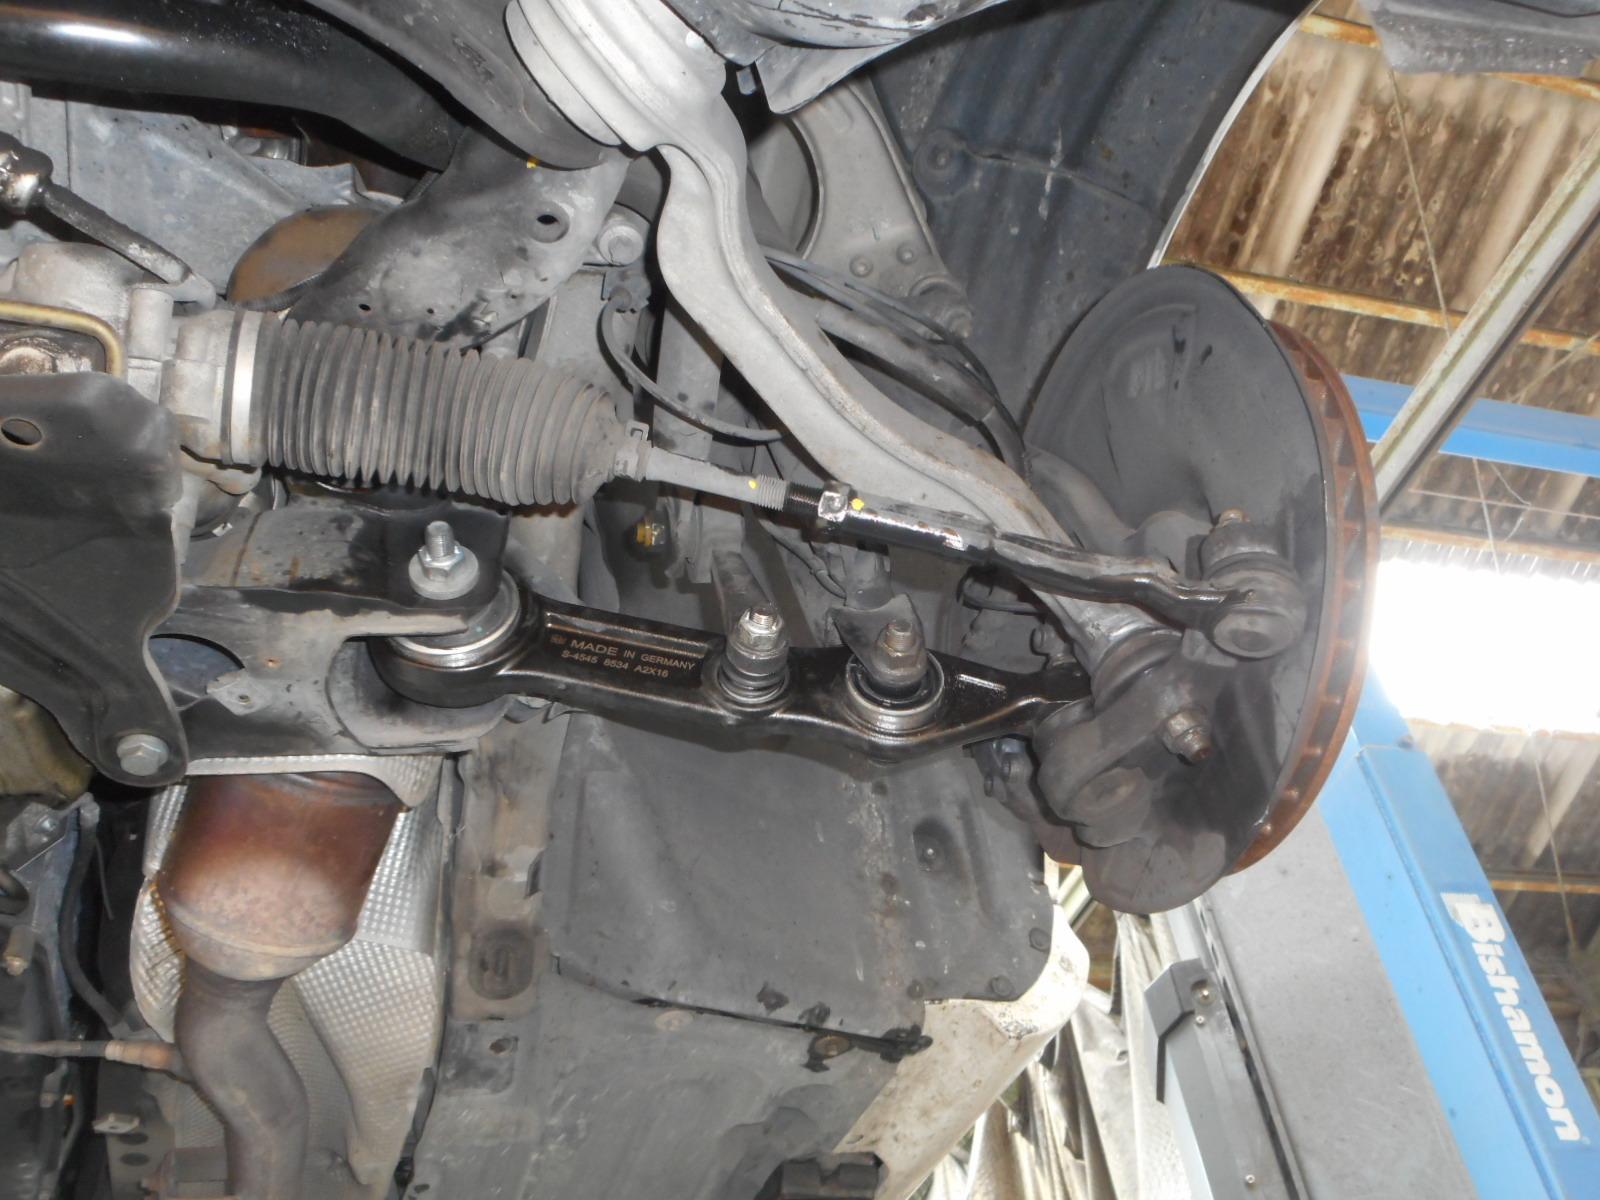 メルセデス・ベンツ W211 E500 足回りから異音 整備 (ロアアーム交換)_c0267693_17343186.jpg